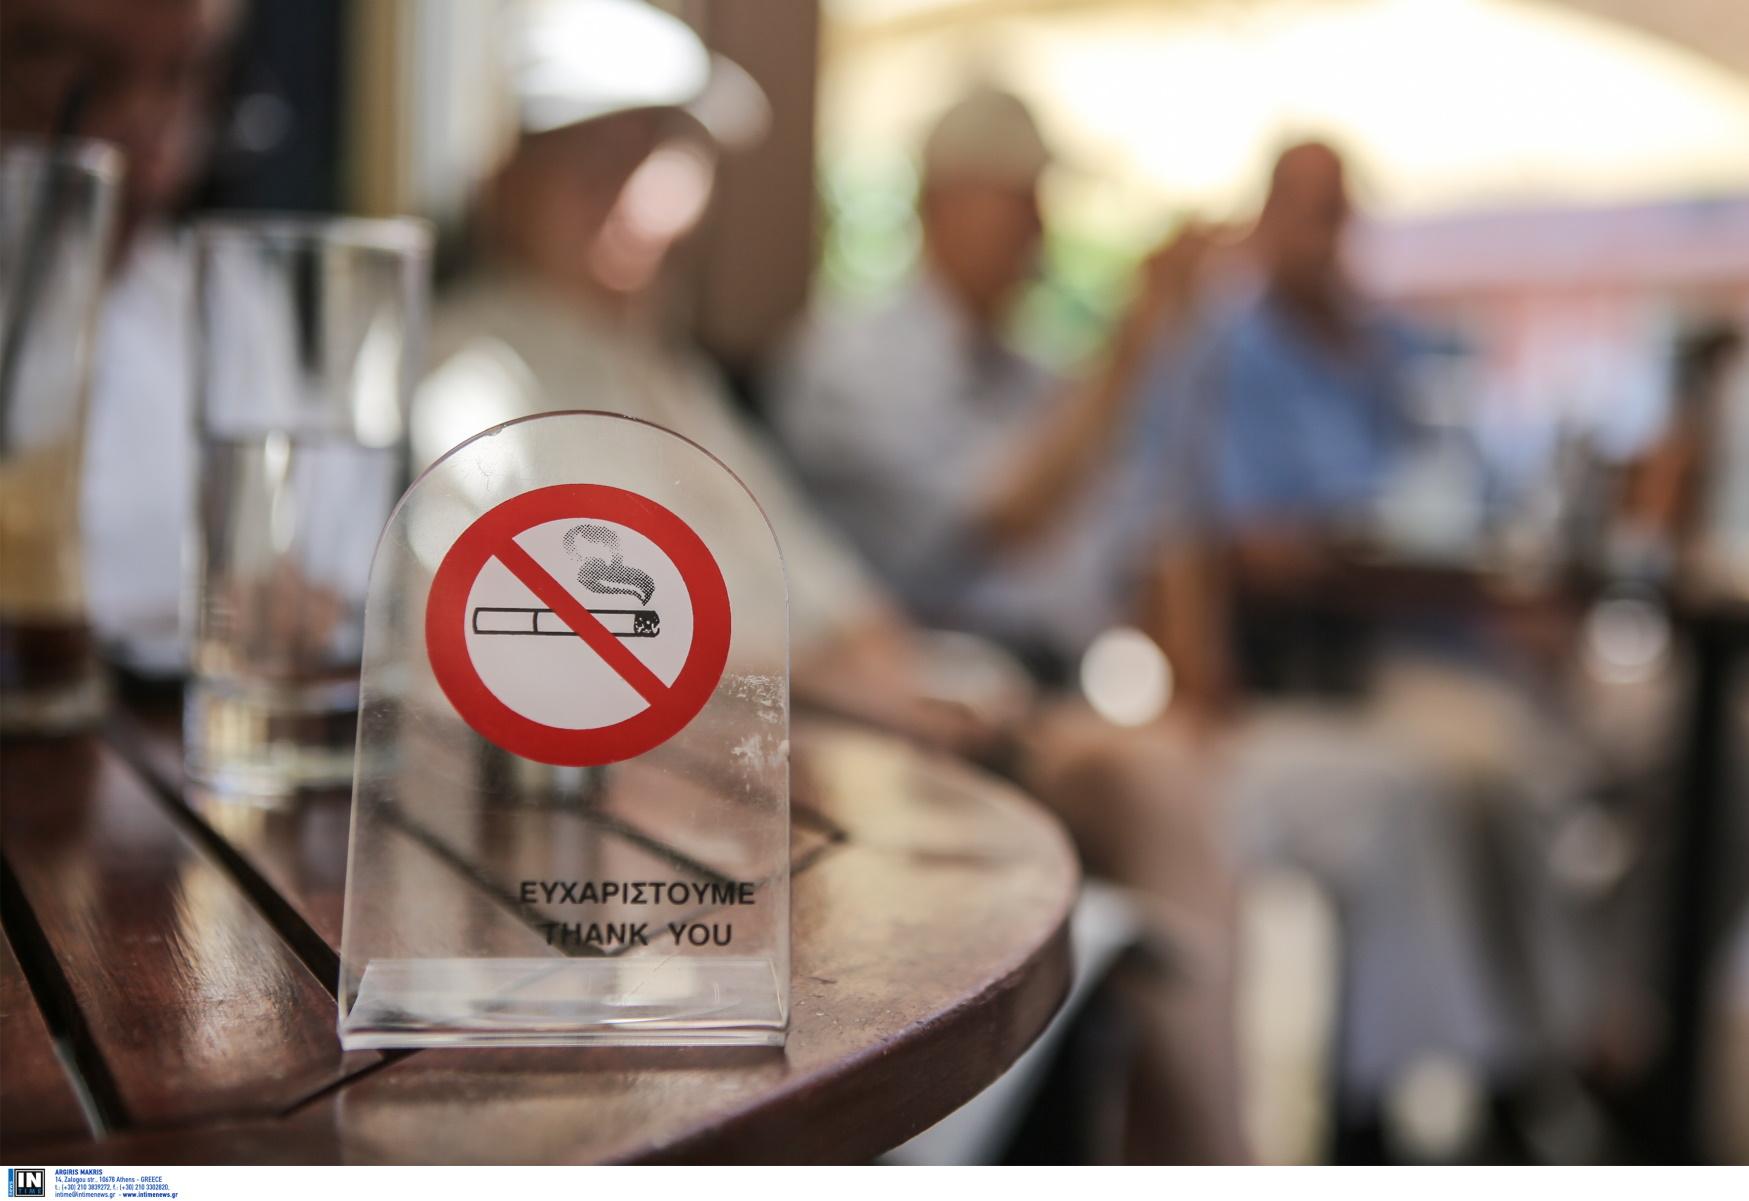 Δήμος Αθηναίων: Ανοίγει το πρώτο ιατρείο διακοπής καπνίσματος